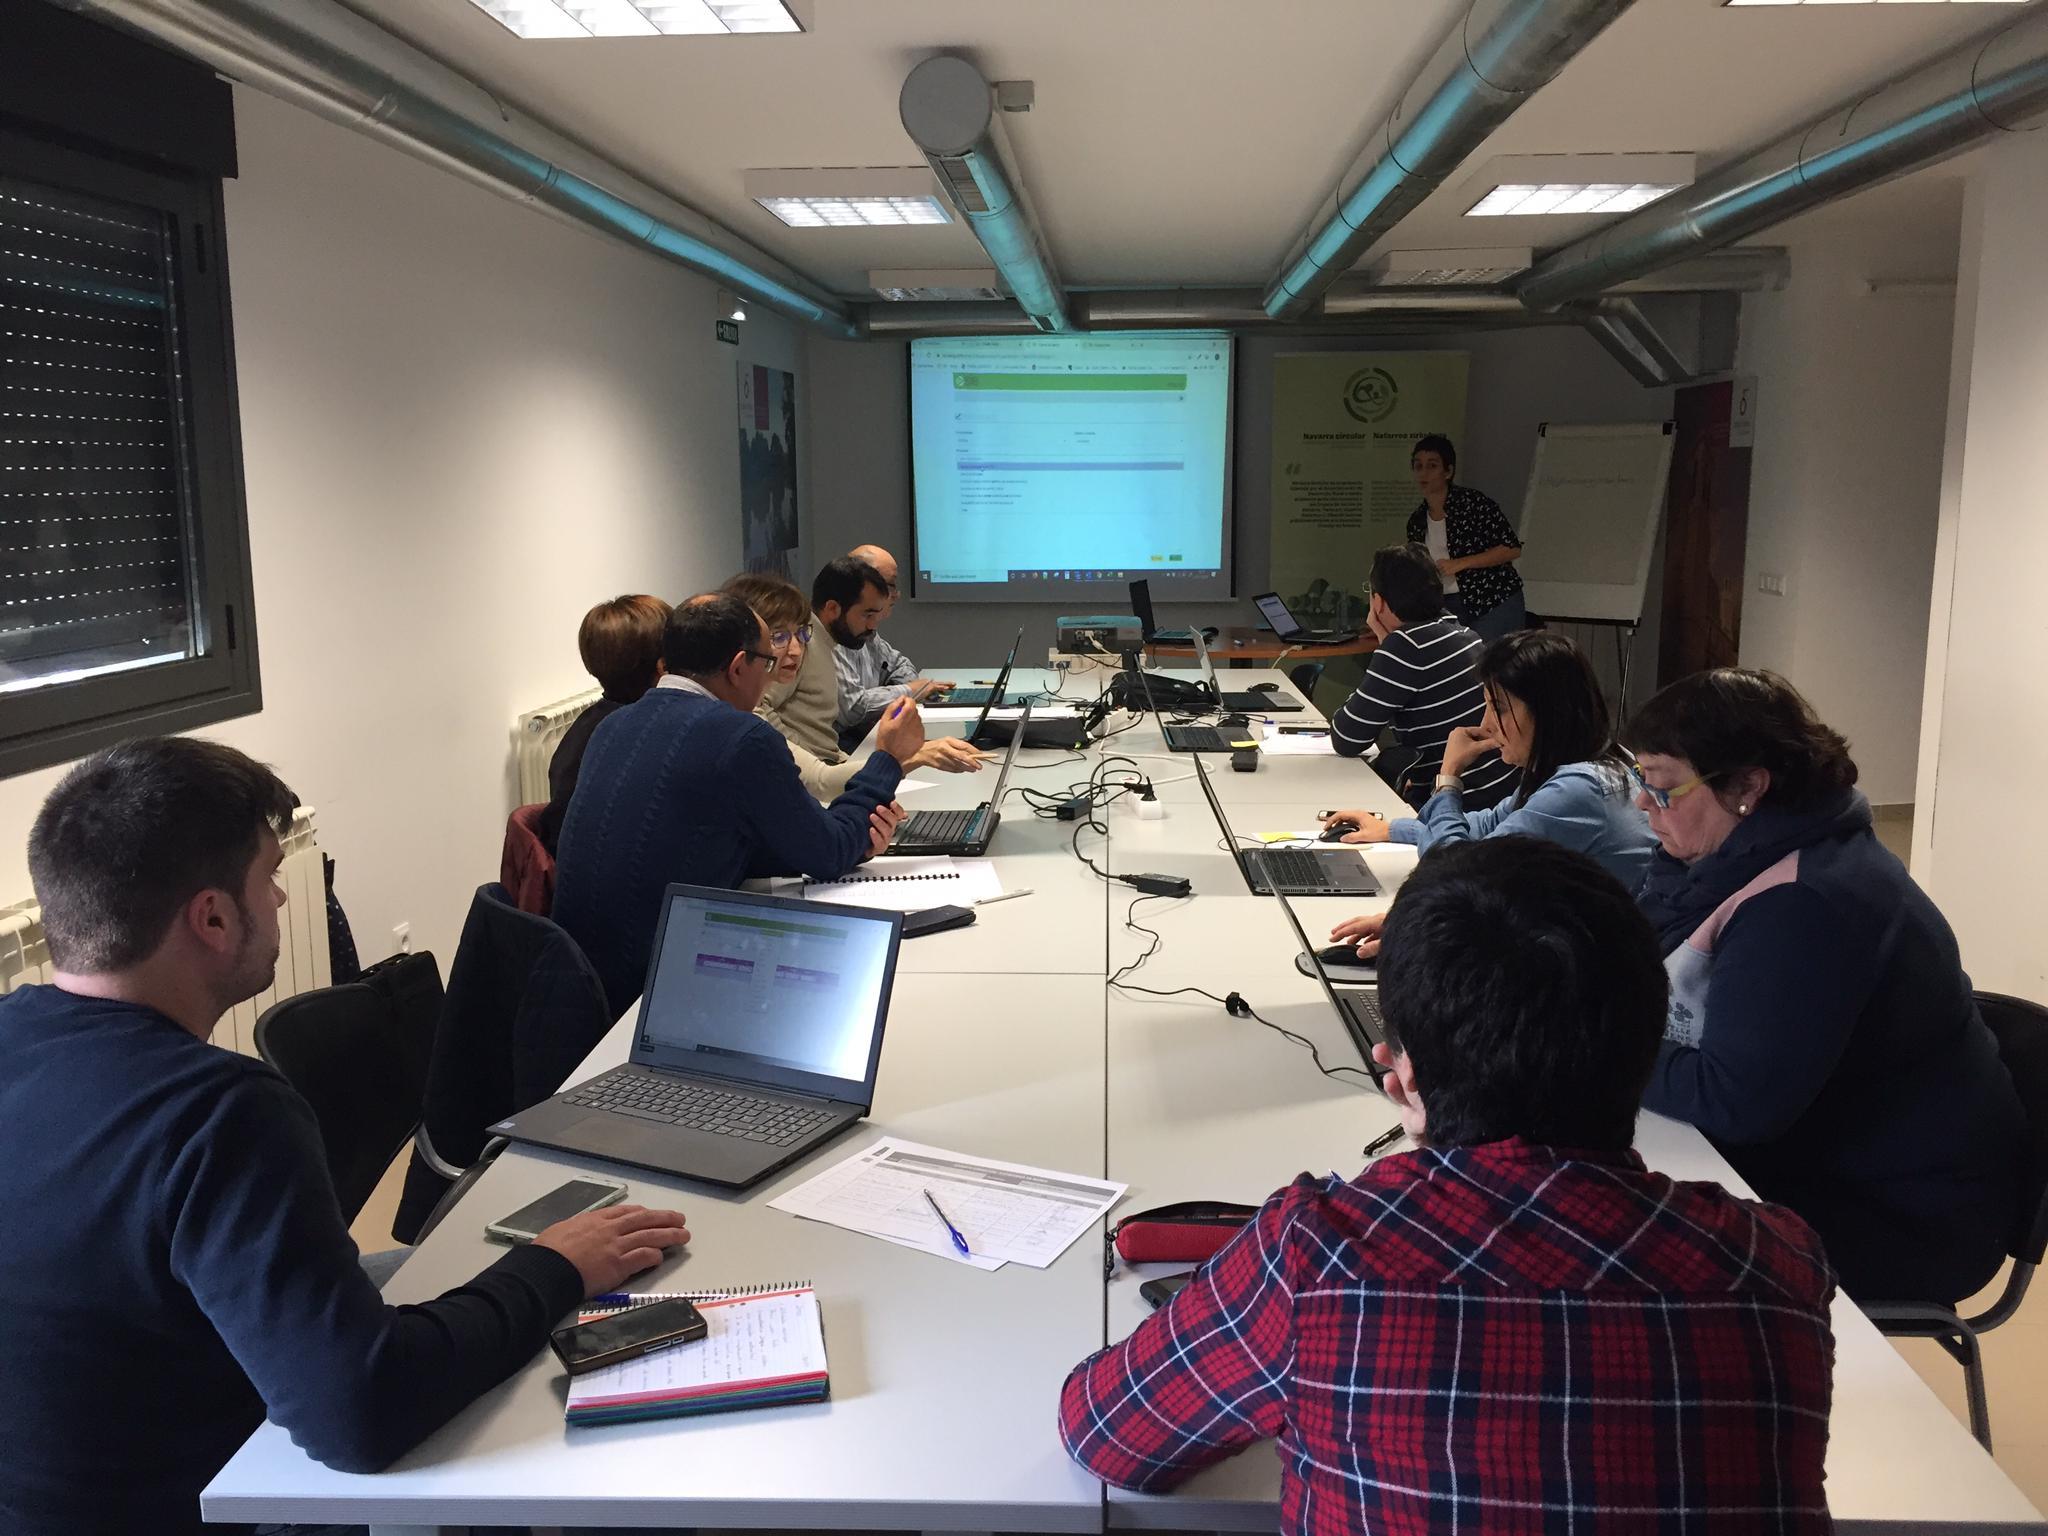 Estalvi i eficiencia energetica en Zona Media de Navarra